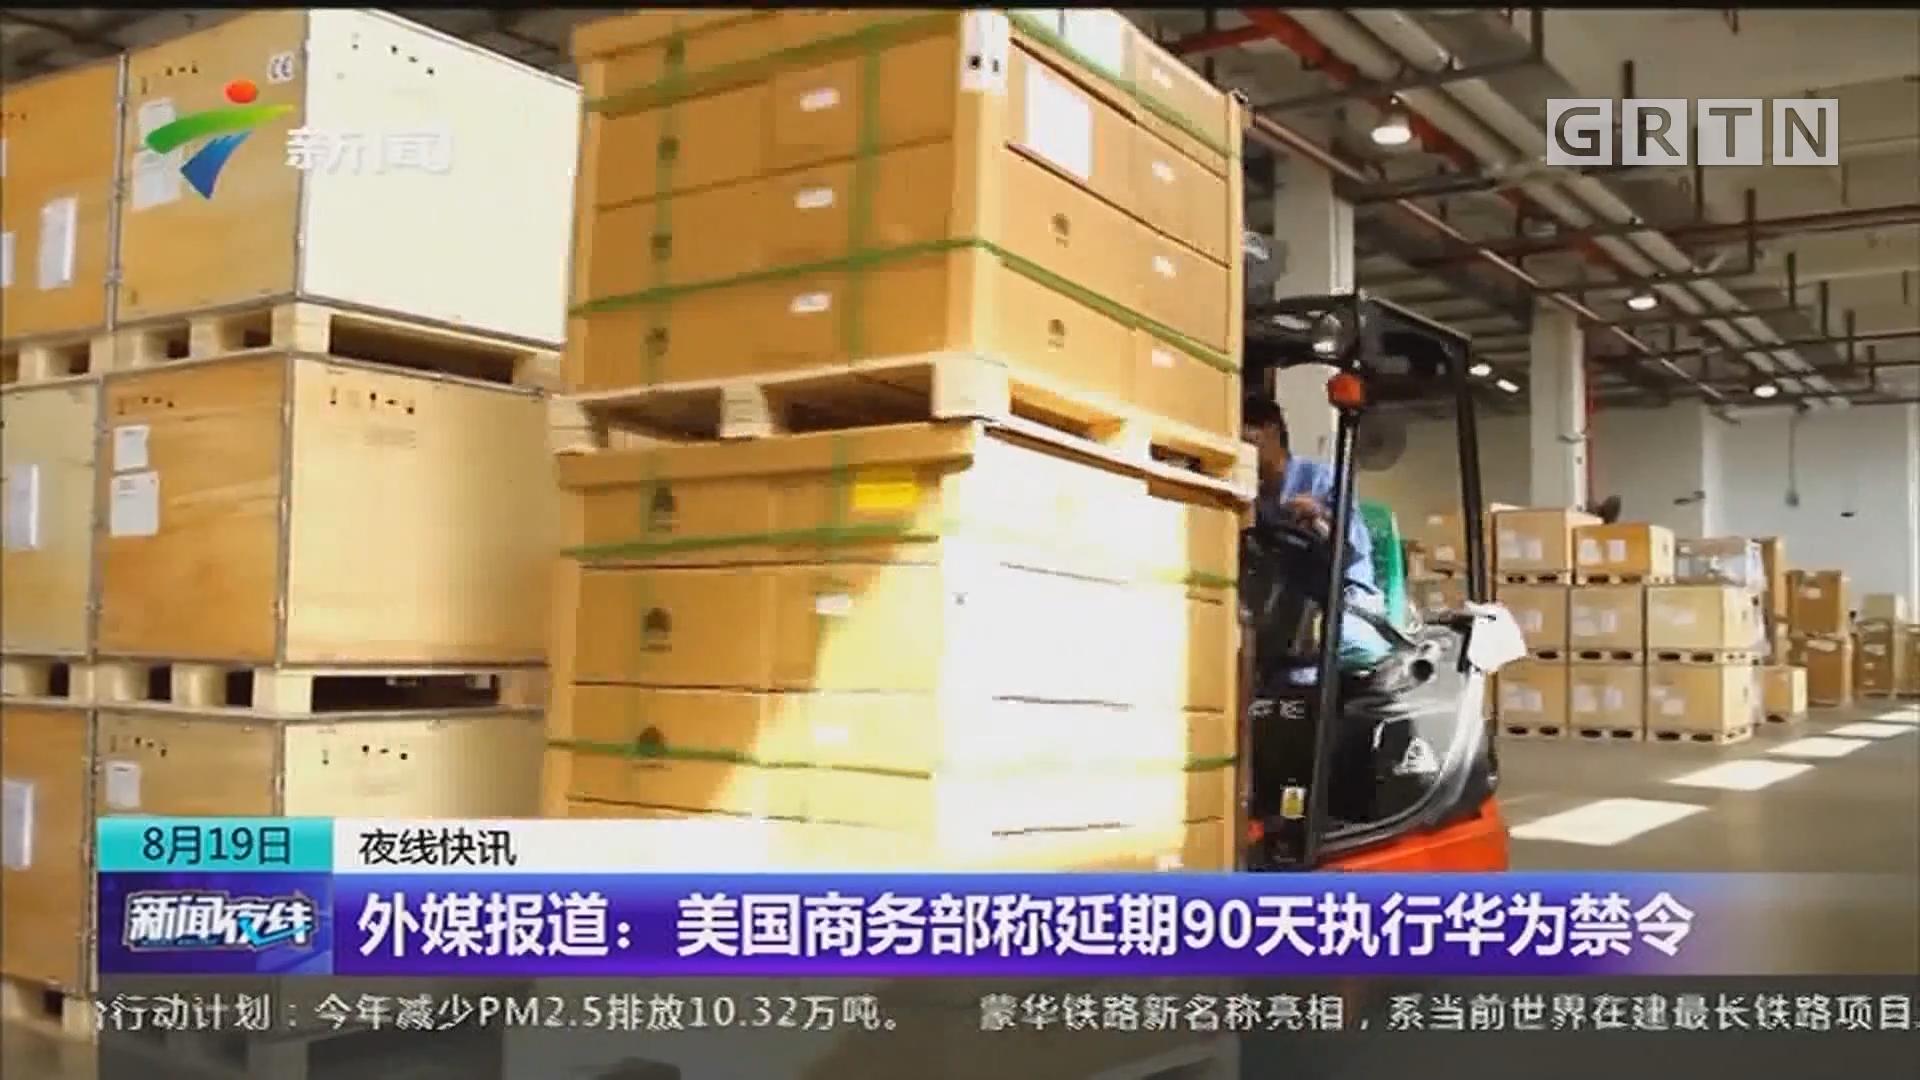 外媒报道:美国商务部称延期90天执行华为禁令